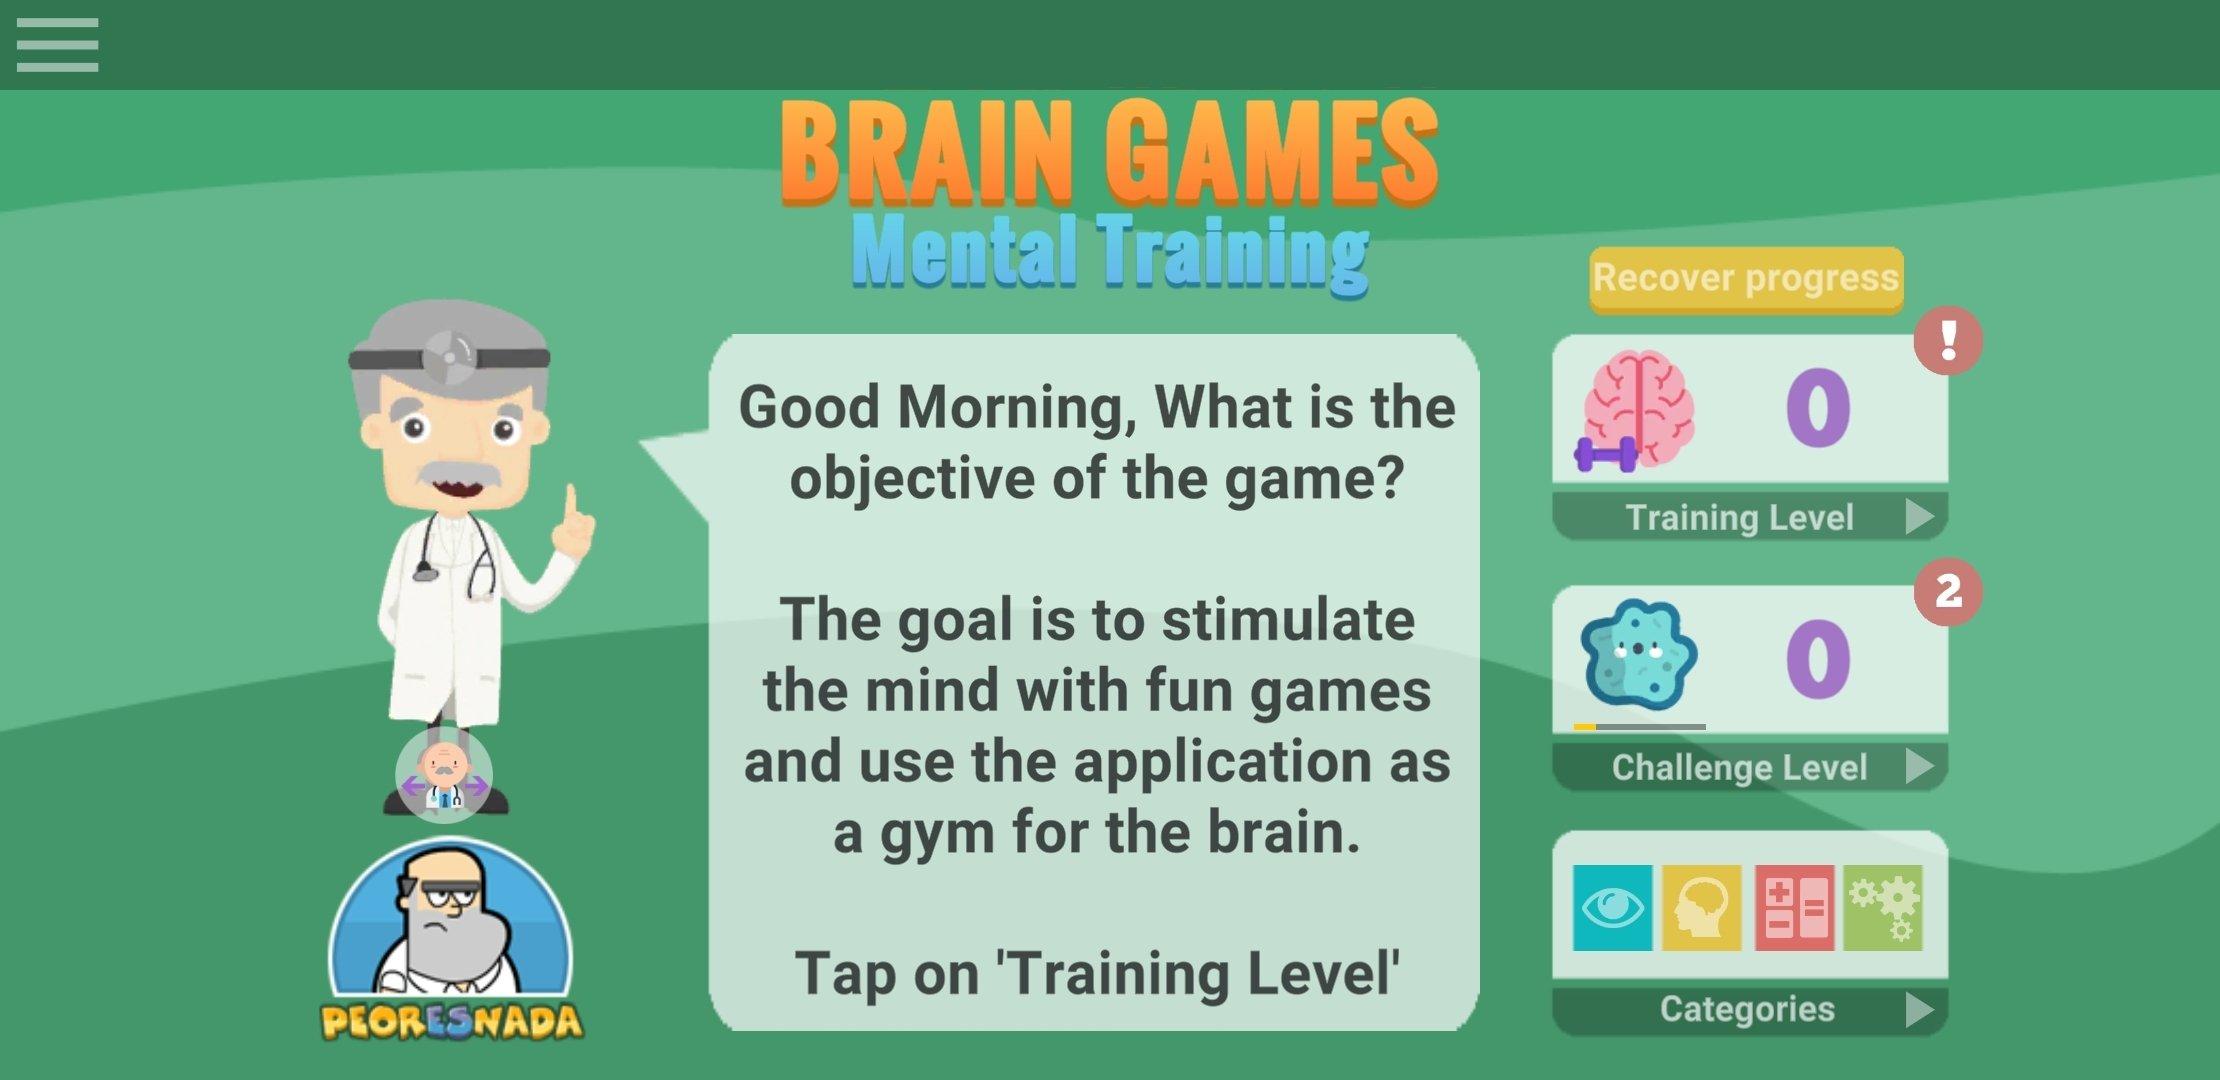 Juegos Mentales Entrenamiento Cerebral 1 55 8 Descargar Para